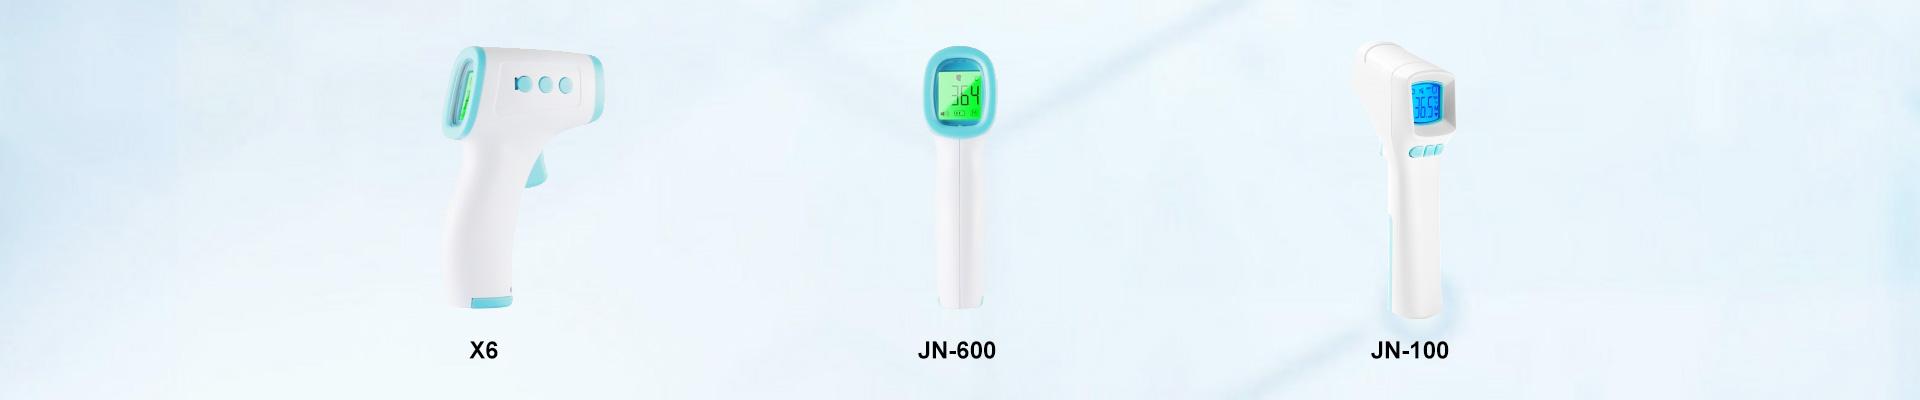 body temperature measurement